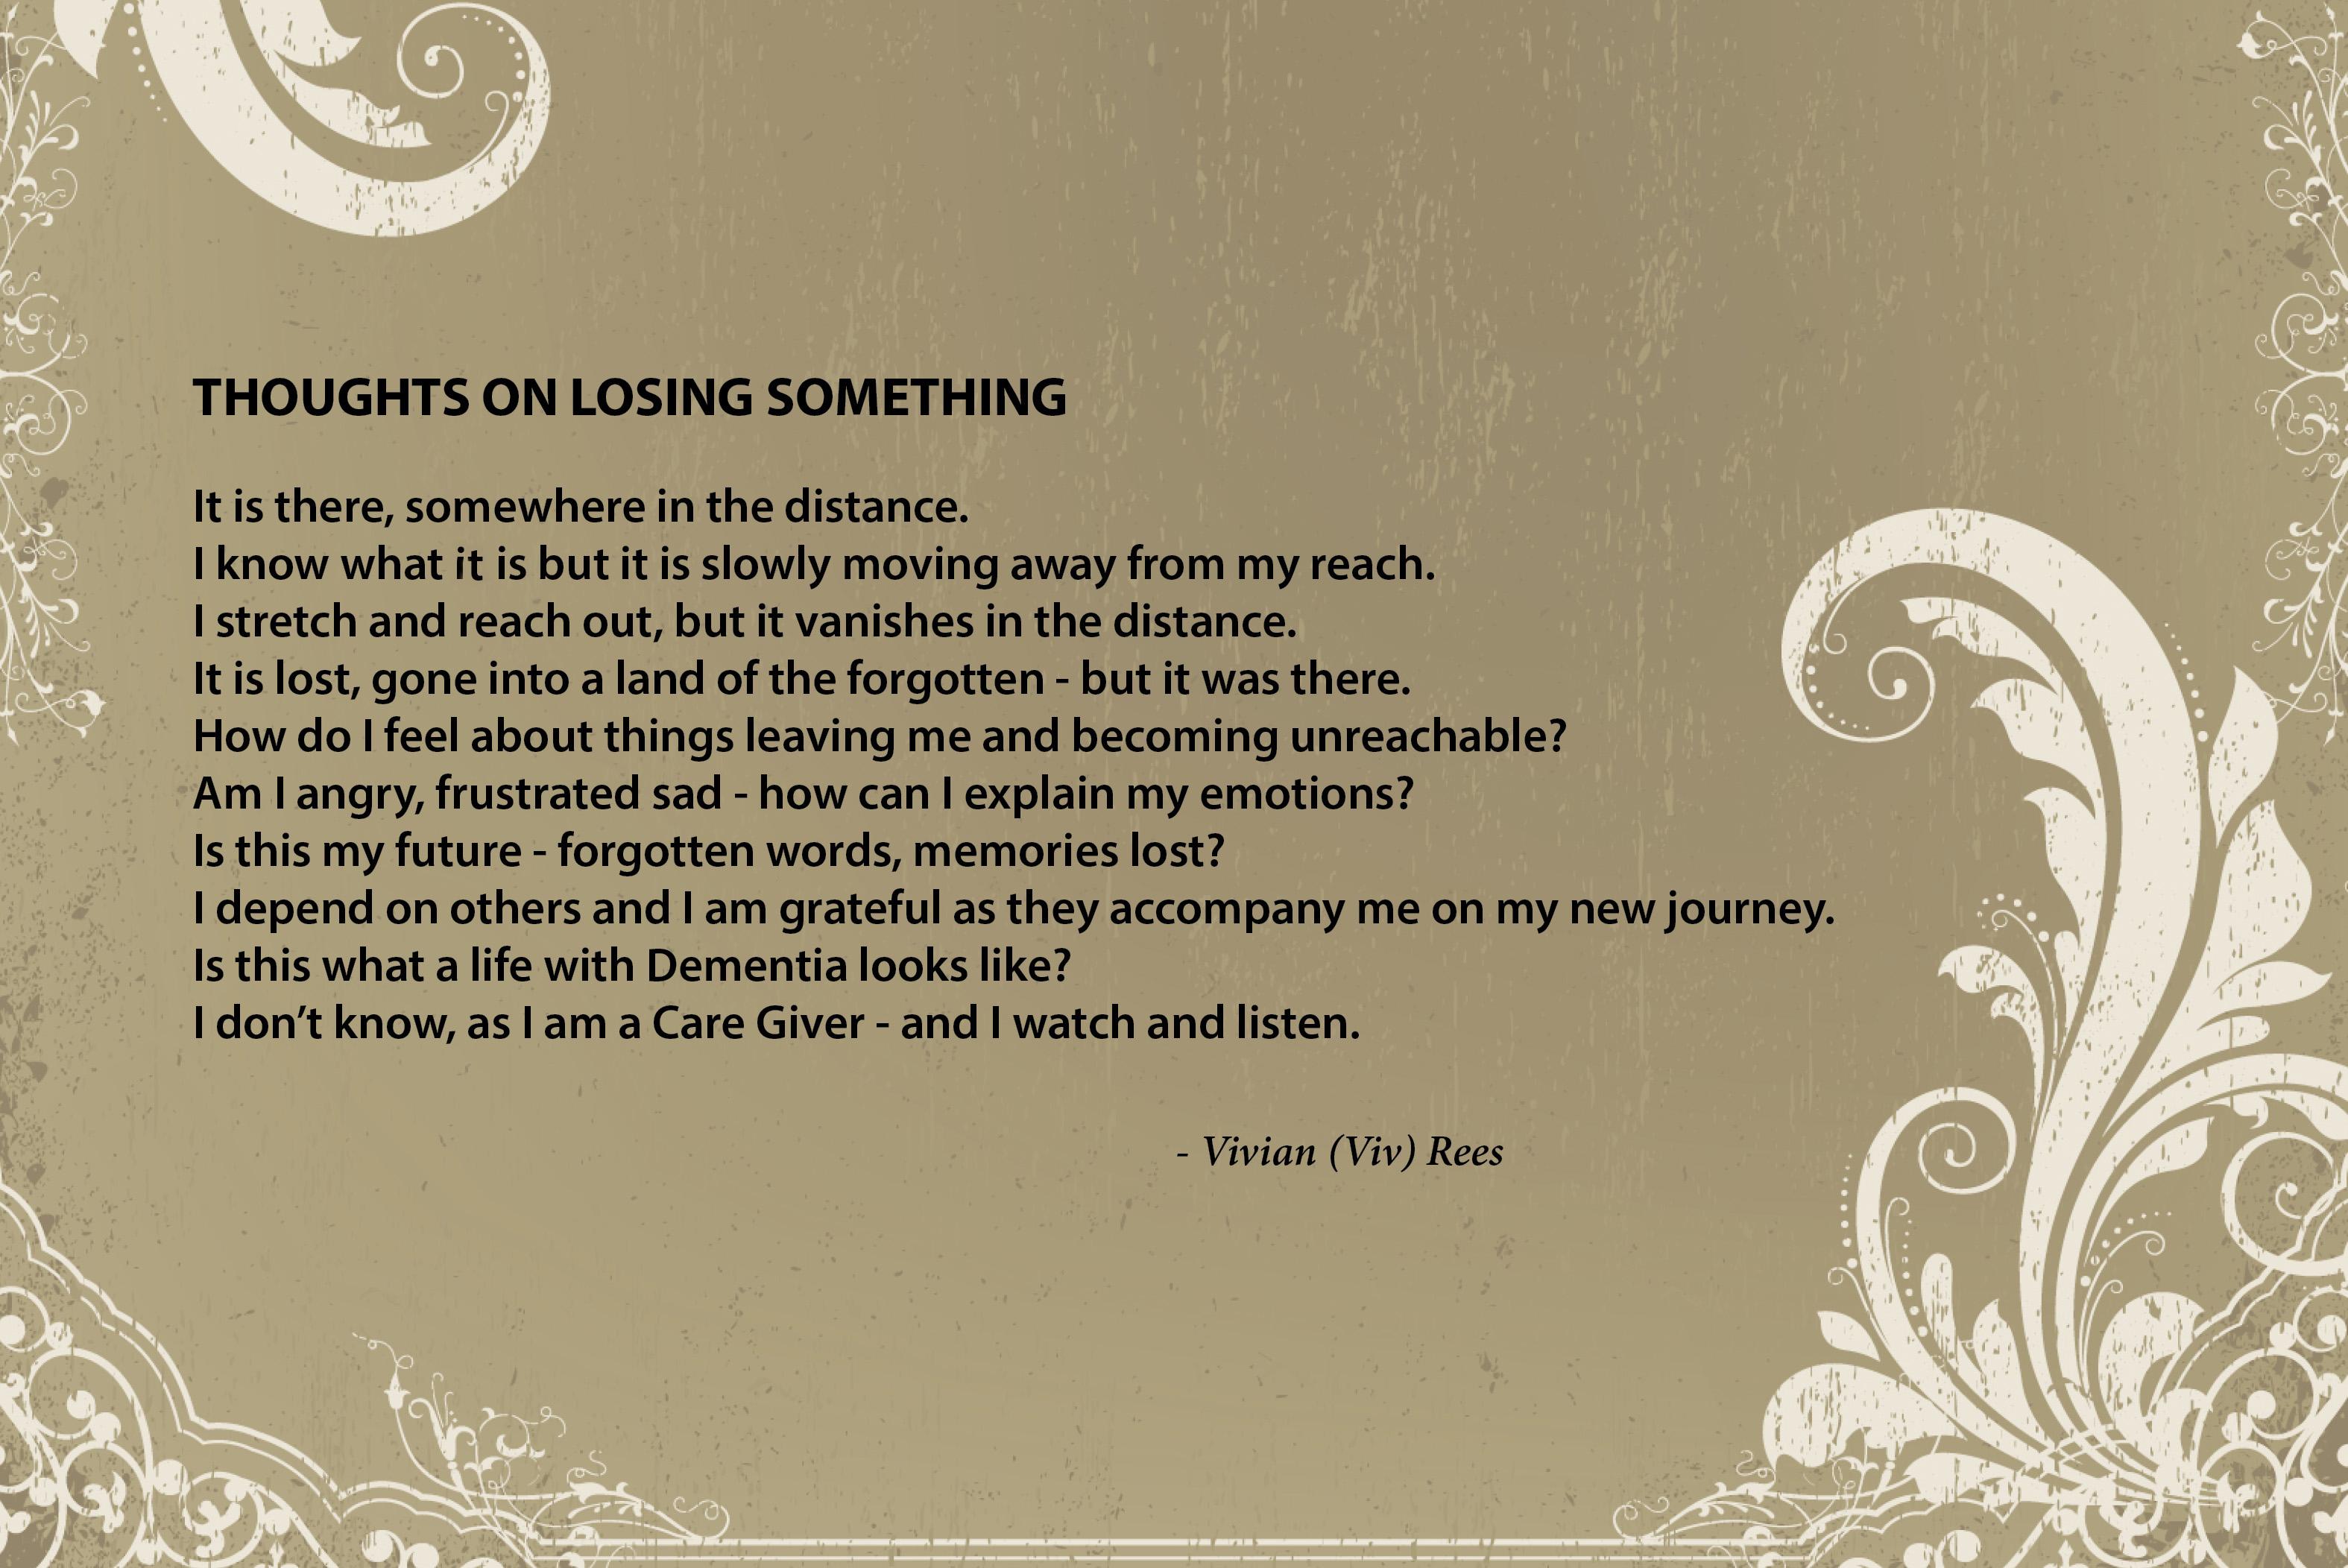 viv-rees-caregiver-poem3